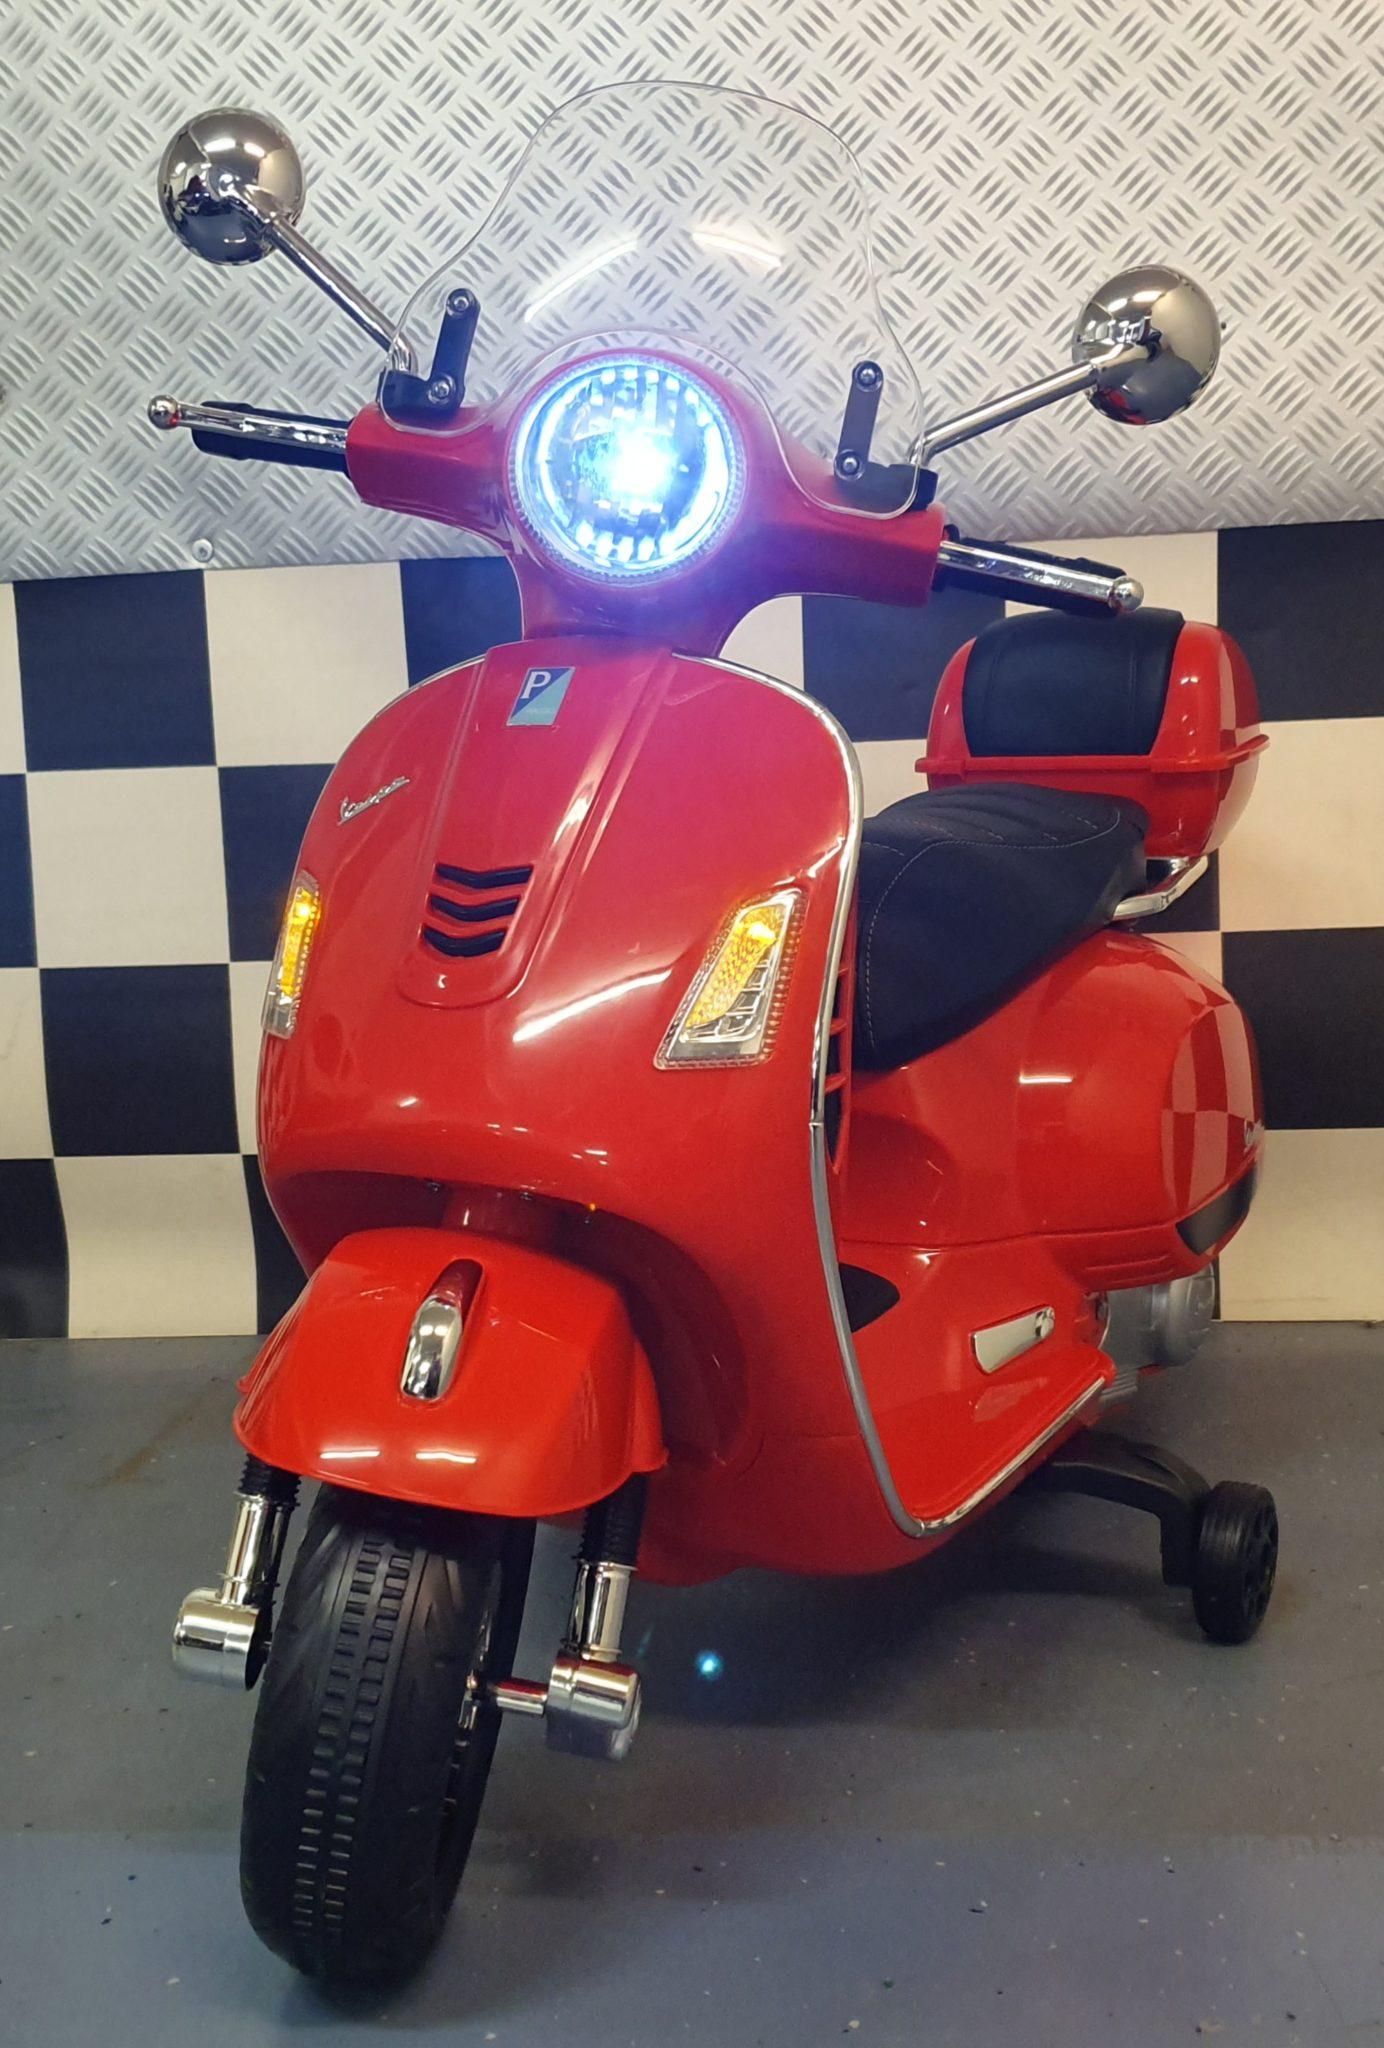 Accu kinder scooter Vespa  12 volt  Rood